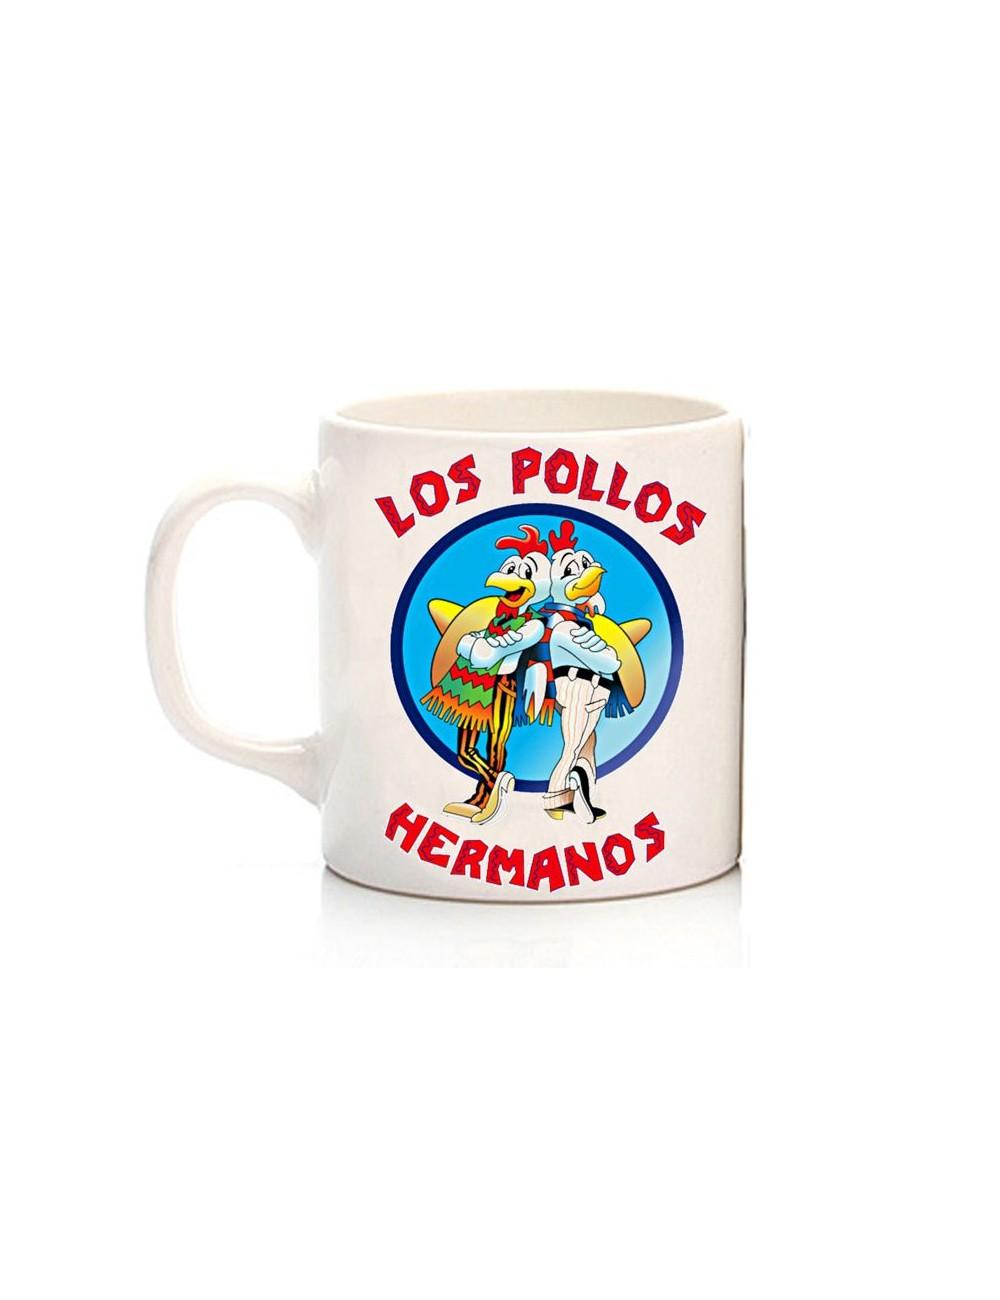 Breaking Hermanos Mug Los Bad Pollos QBrCWxedoE